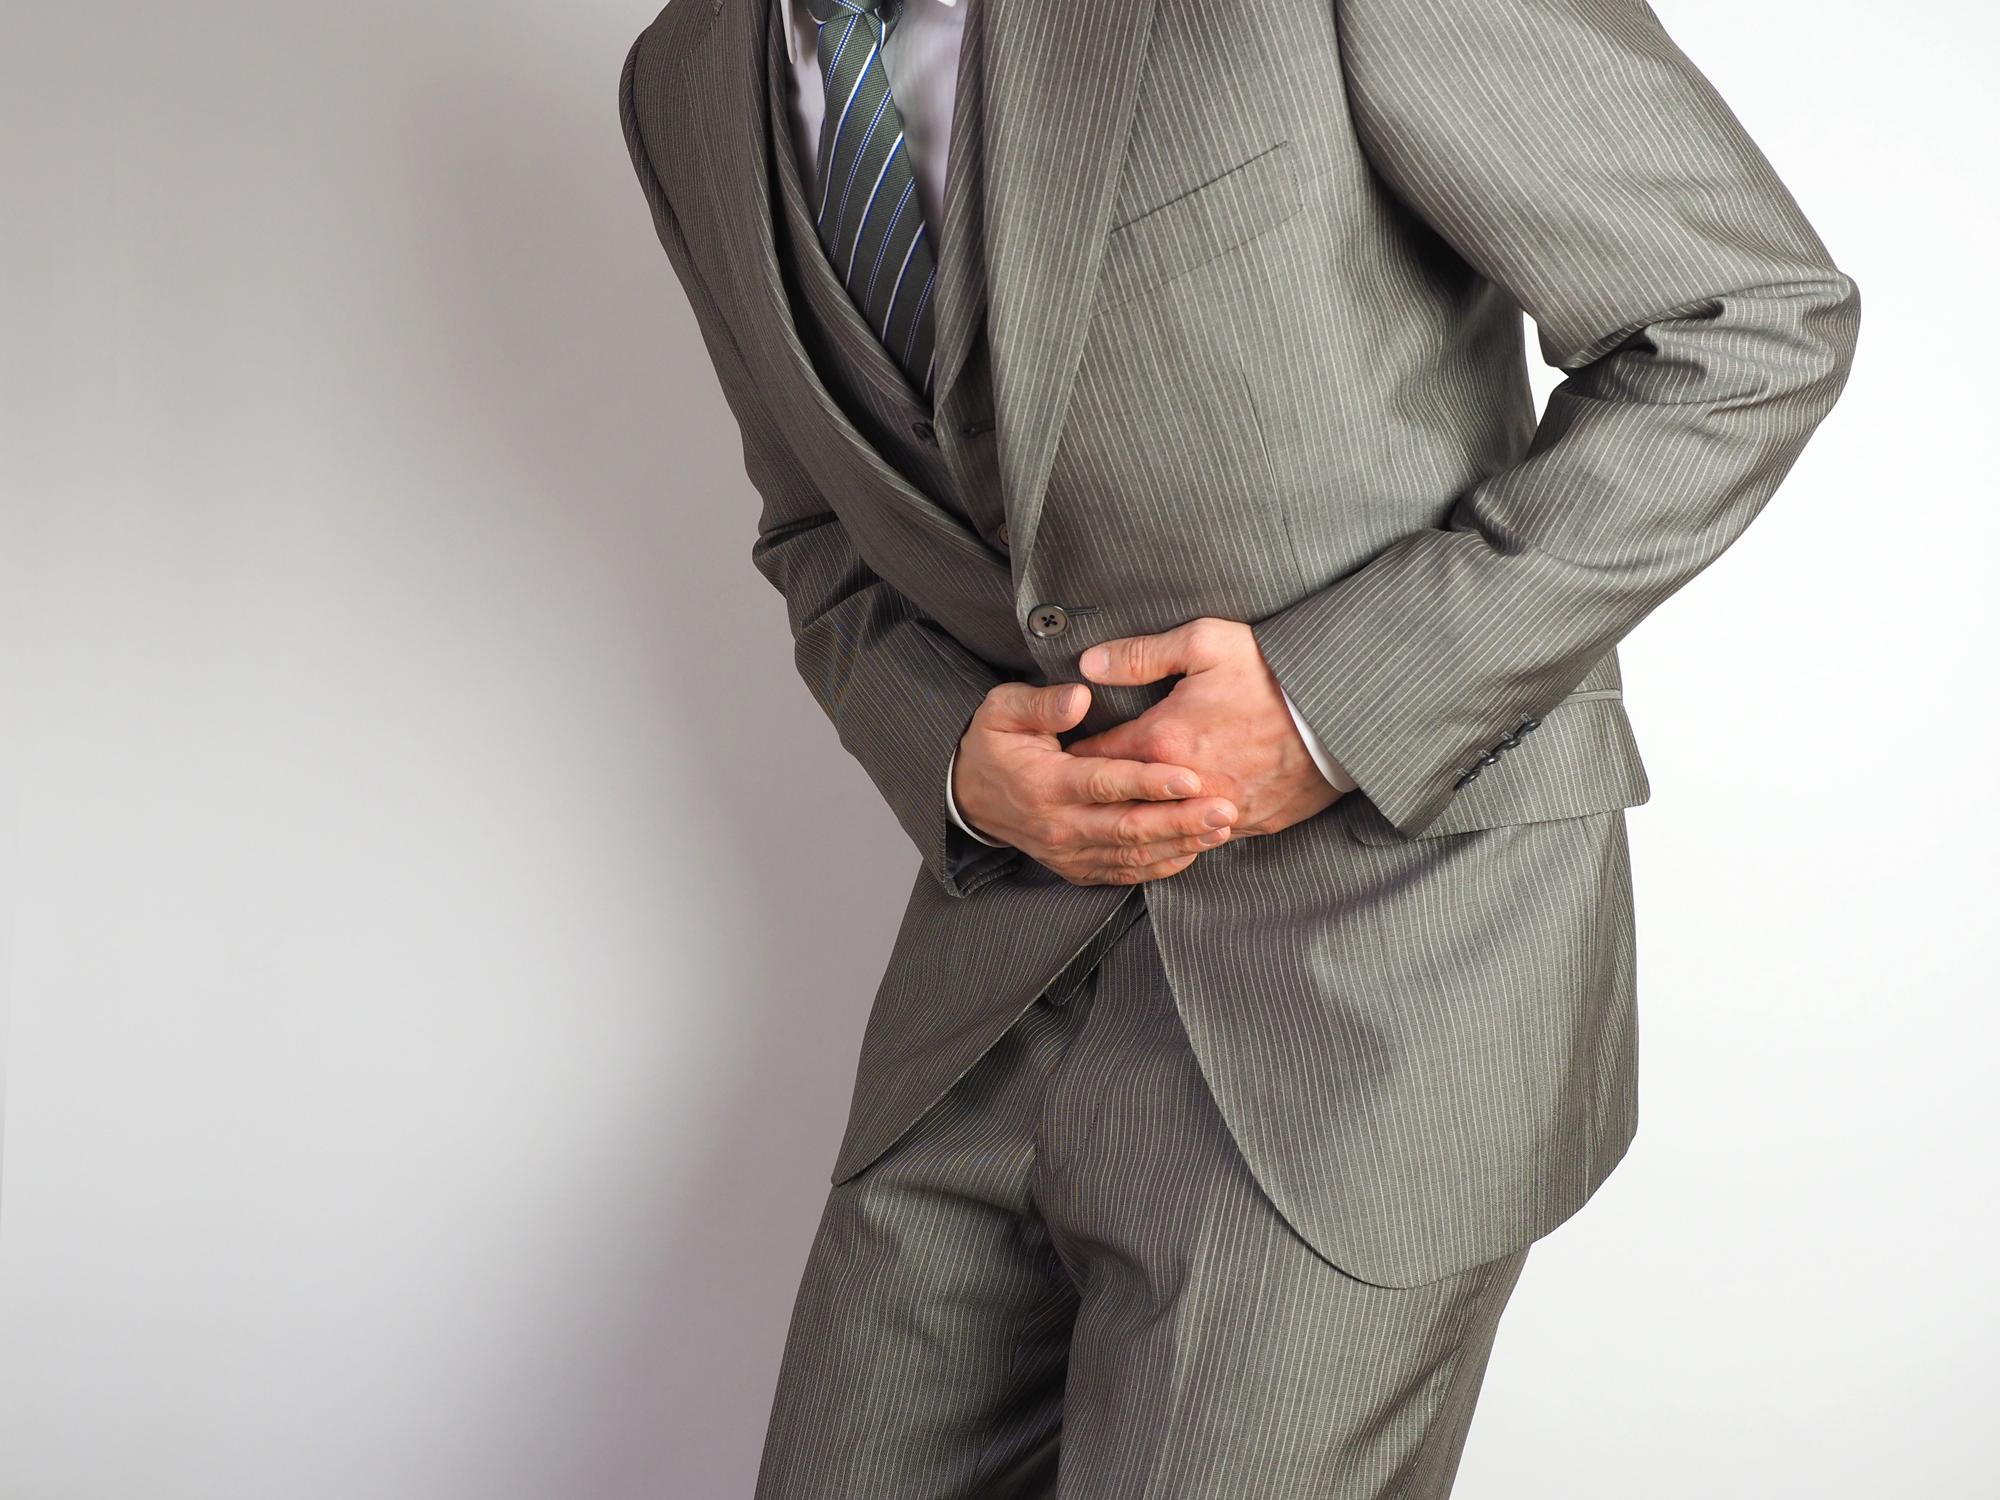 急な下痢や嘔吐…その症状ノロウイルスの初期症状かも?